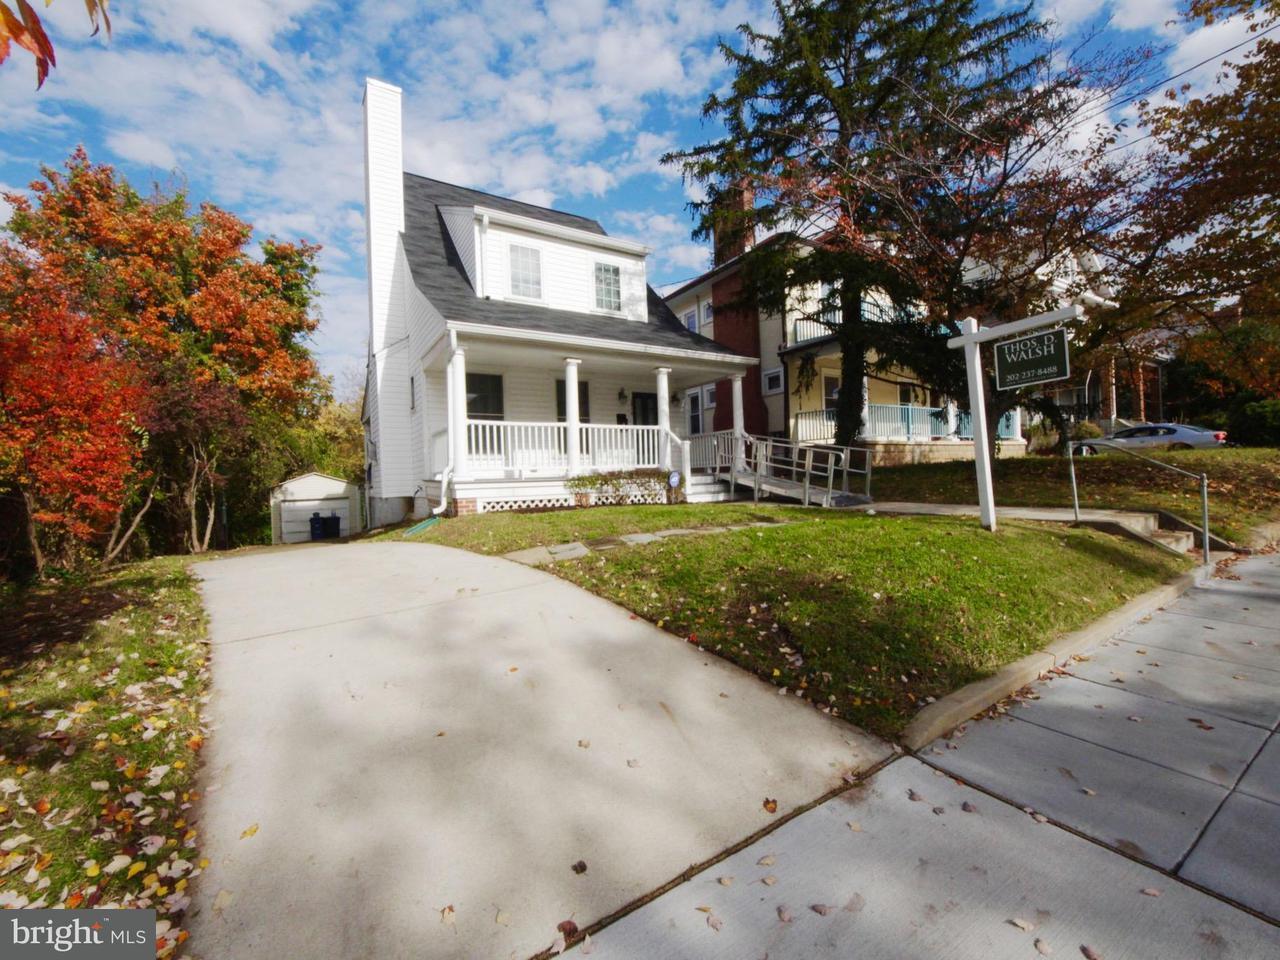 Частный односемейный дом для того Продажа на 1310 MONROE ST NE 1310 MONROE ST NE Washington, Округ Колумбия 20017 Соединенные Штаты